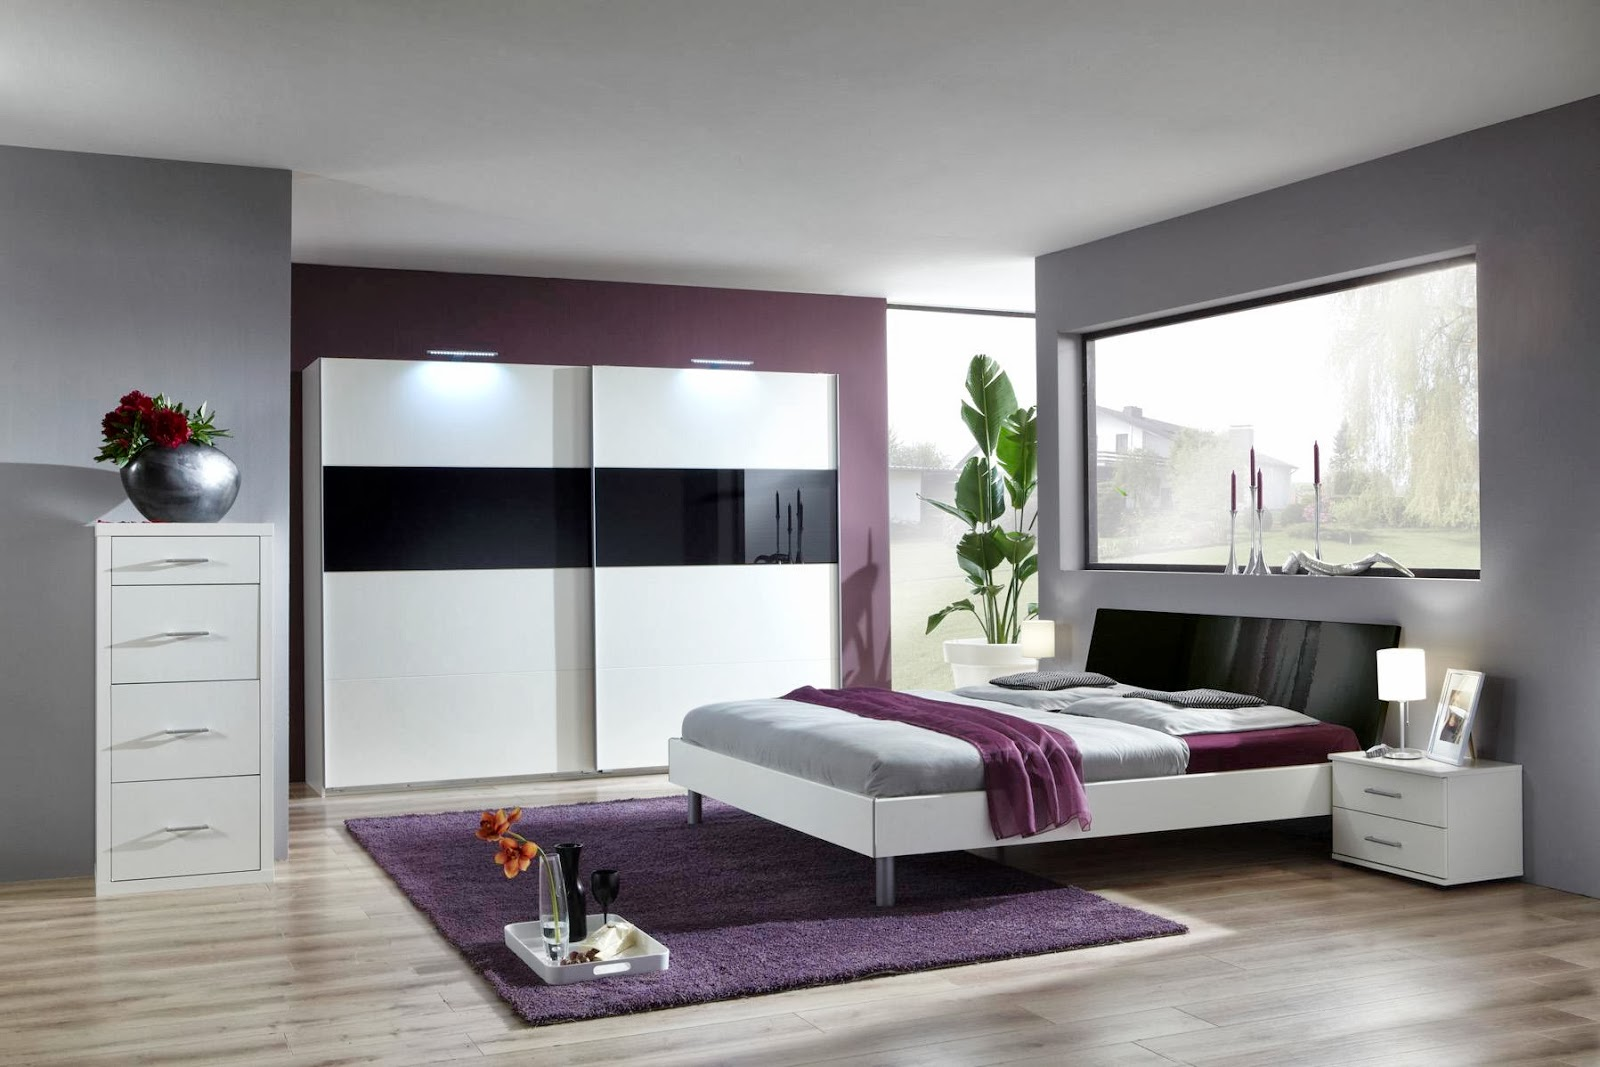 Decorer une chambre en ligne - Decorer une chambre ...